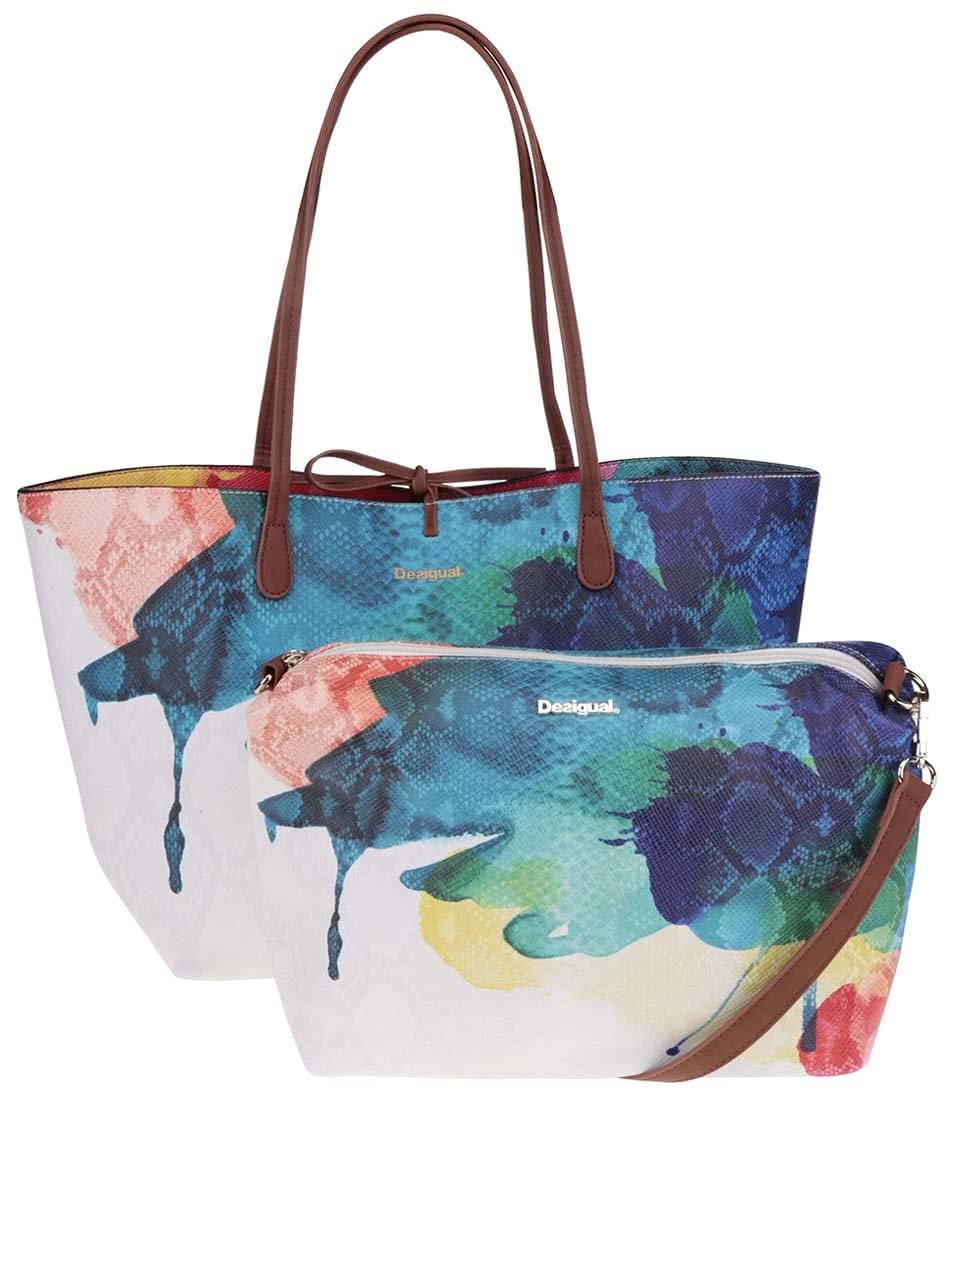 Modro-krémový shopper s crossbody kabelkou Desigual Capri Aquarelle